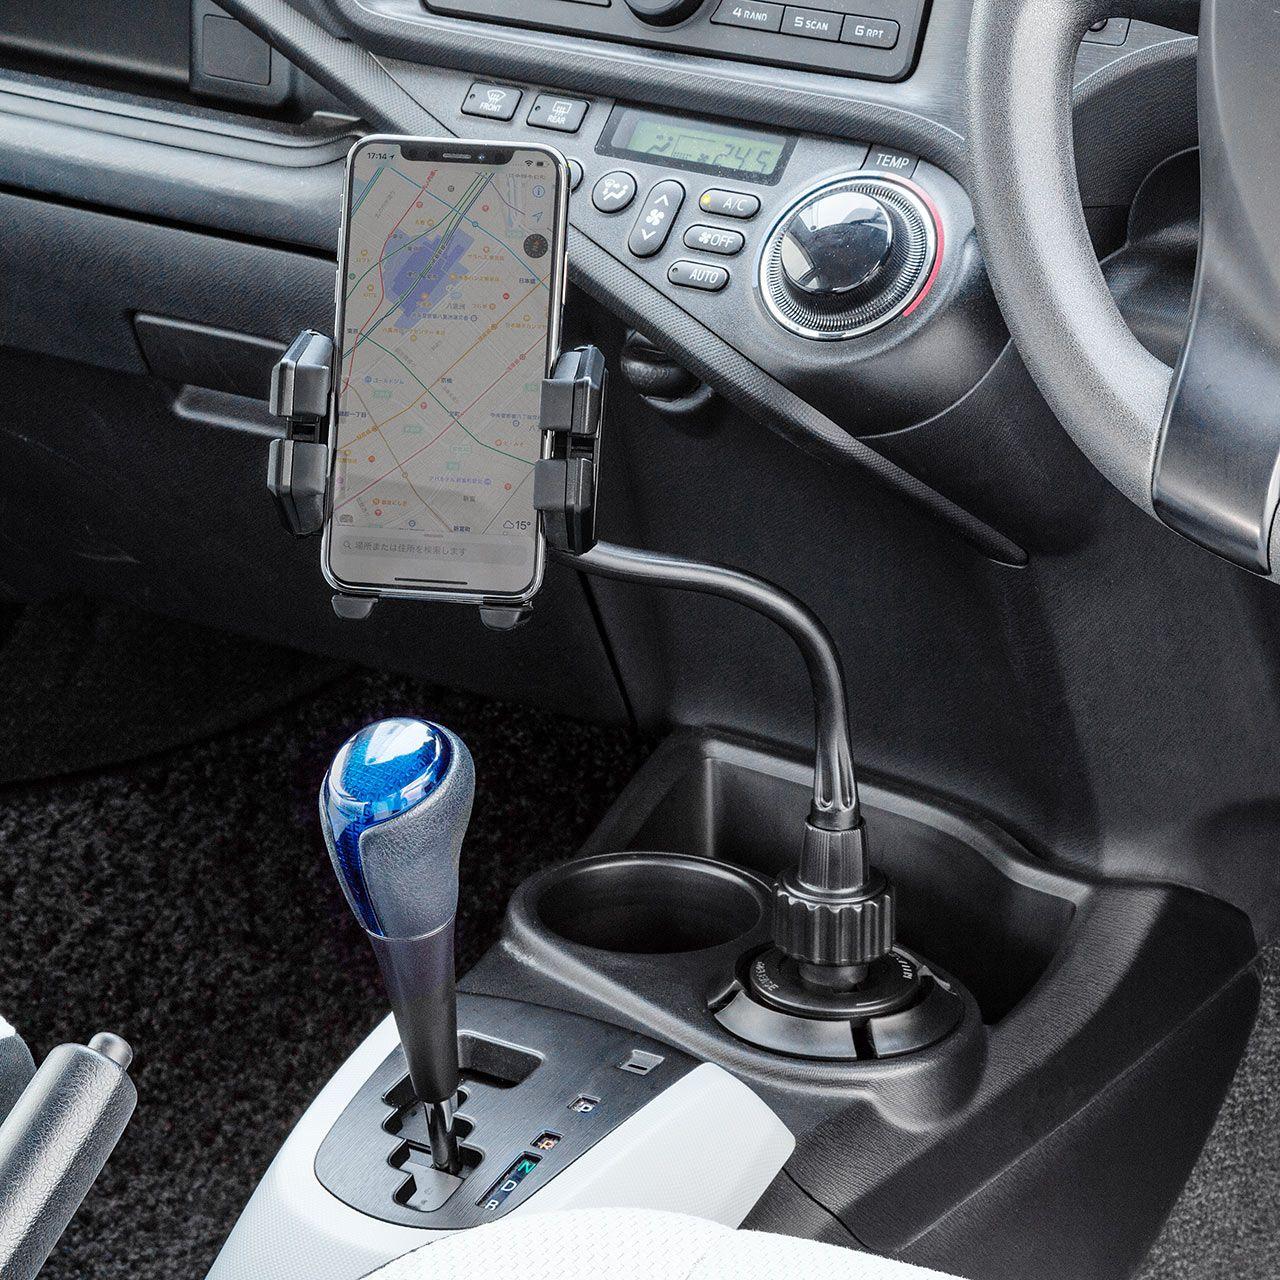 スマートフォン用車載ホルダー ドリンクホルダー カップホルダー フレキシブルアーム ホルダー調整 ワンタッチ取り外し 200 Car055 ドリンクホルダー カップホルダー ホルダー